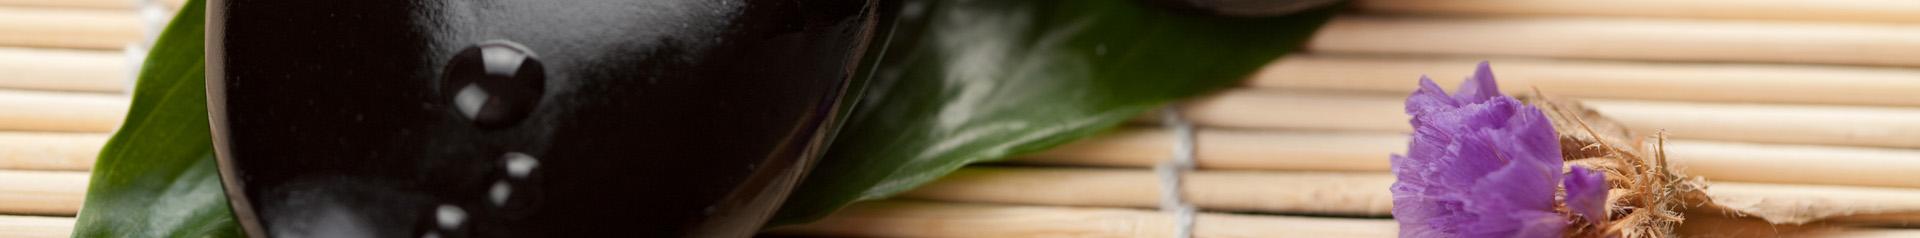 Havajská masáž teplými lávovými kameny